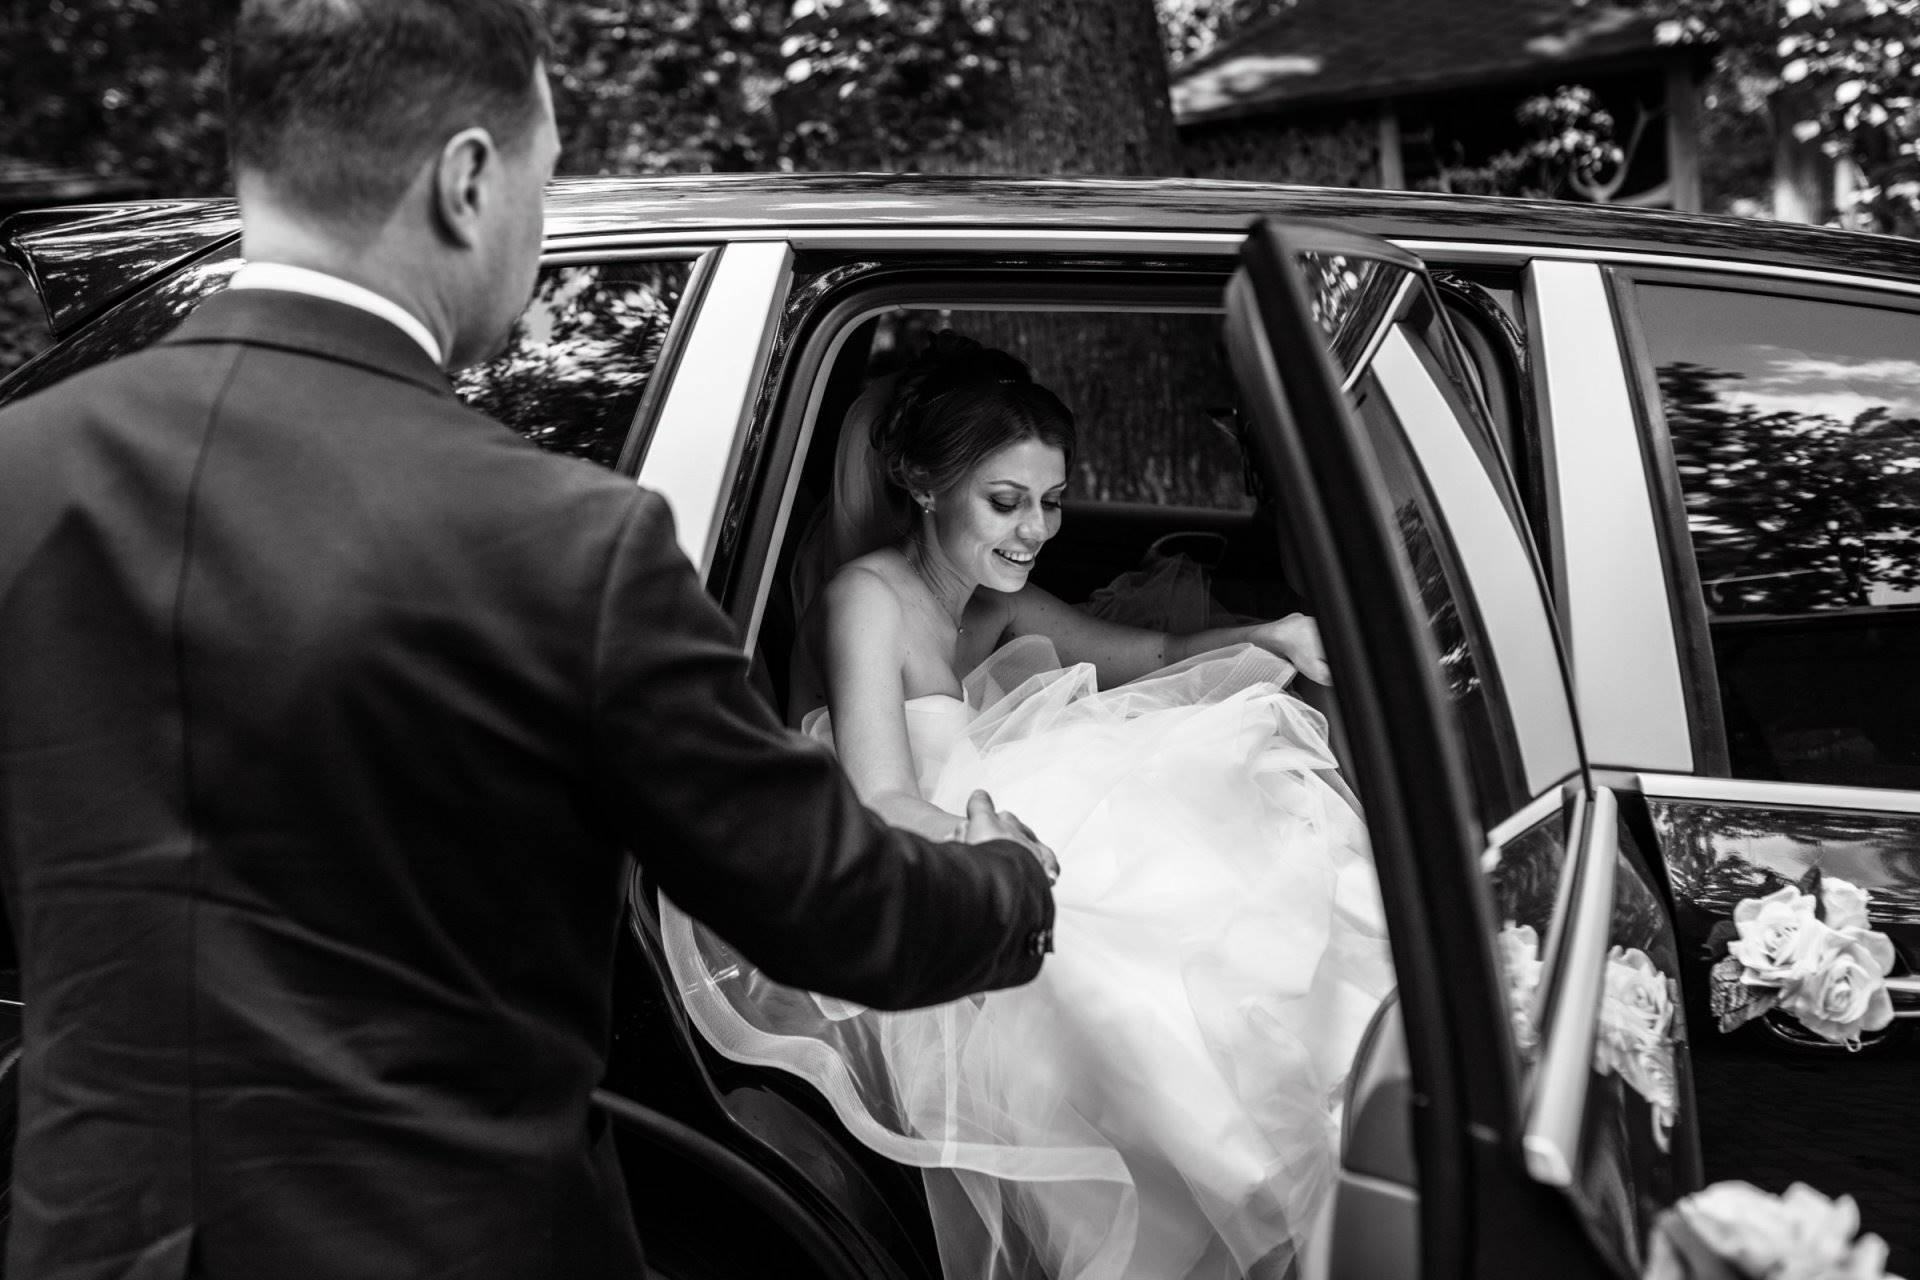 можно топ рейтинг свадебных фотографов растения позволяет без